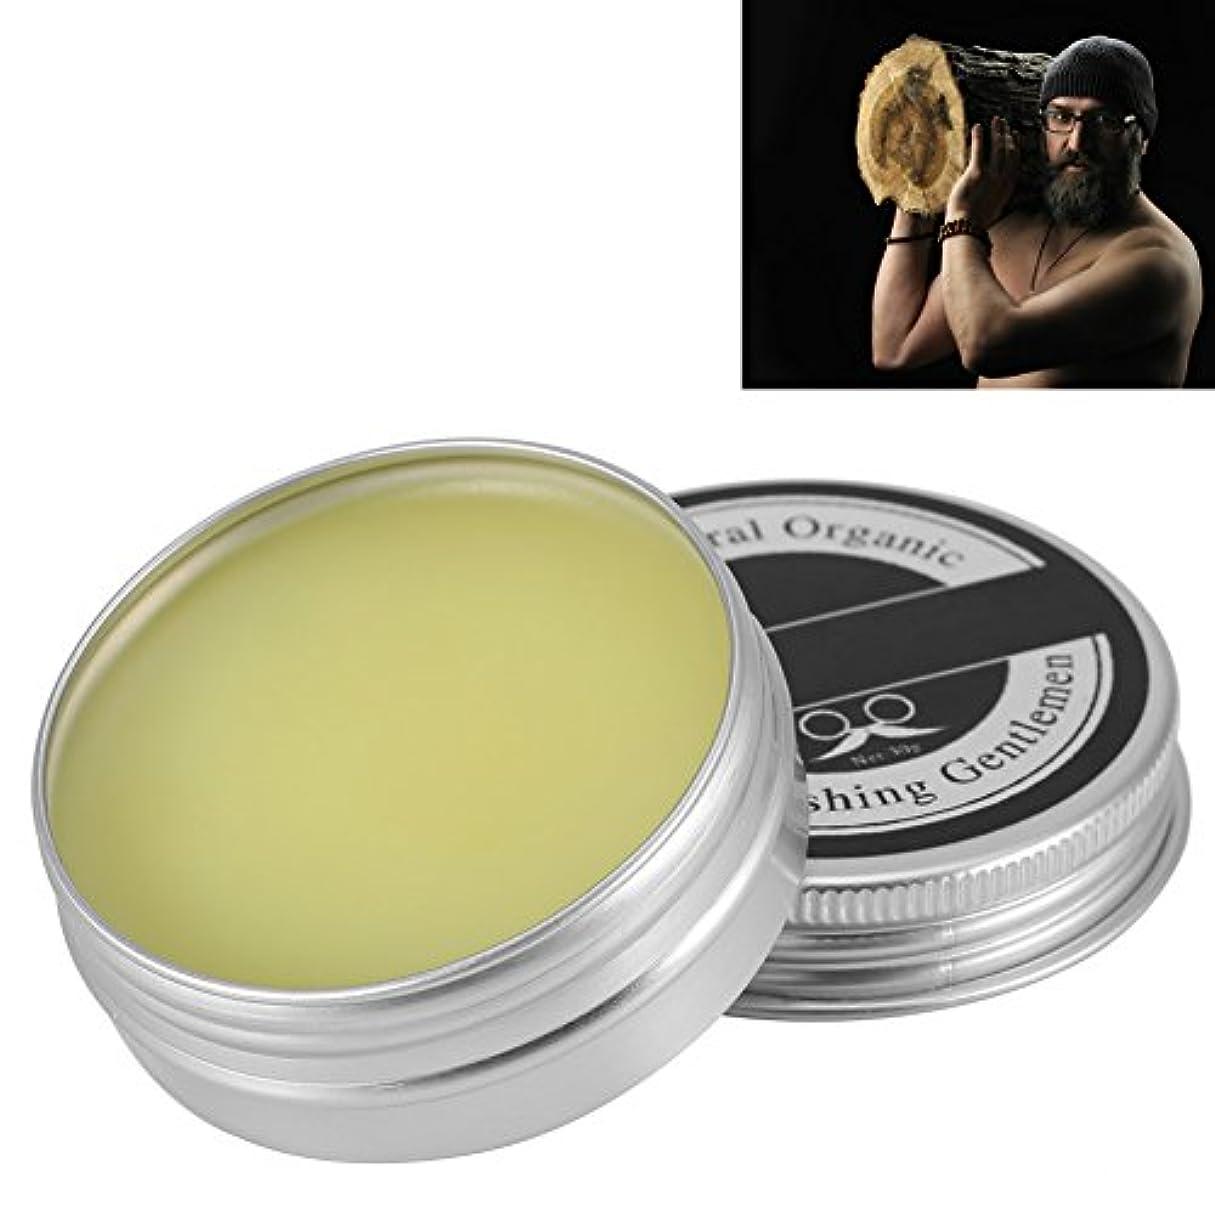 犯人電気的第五メンズひげワックス  ひげクリーム 口髭用ワックス  保湿/滋養/ひげ根のケアなどの効果  ひげケア必需品 携帯便利